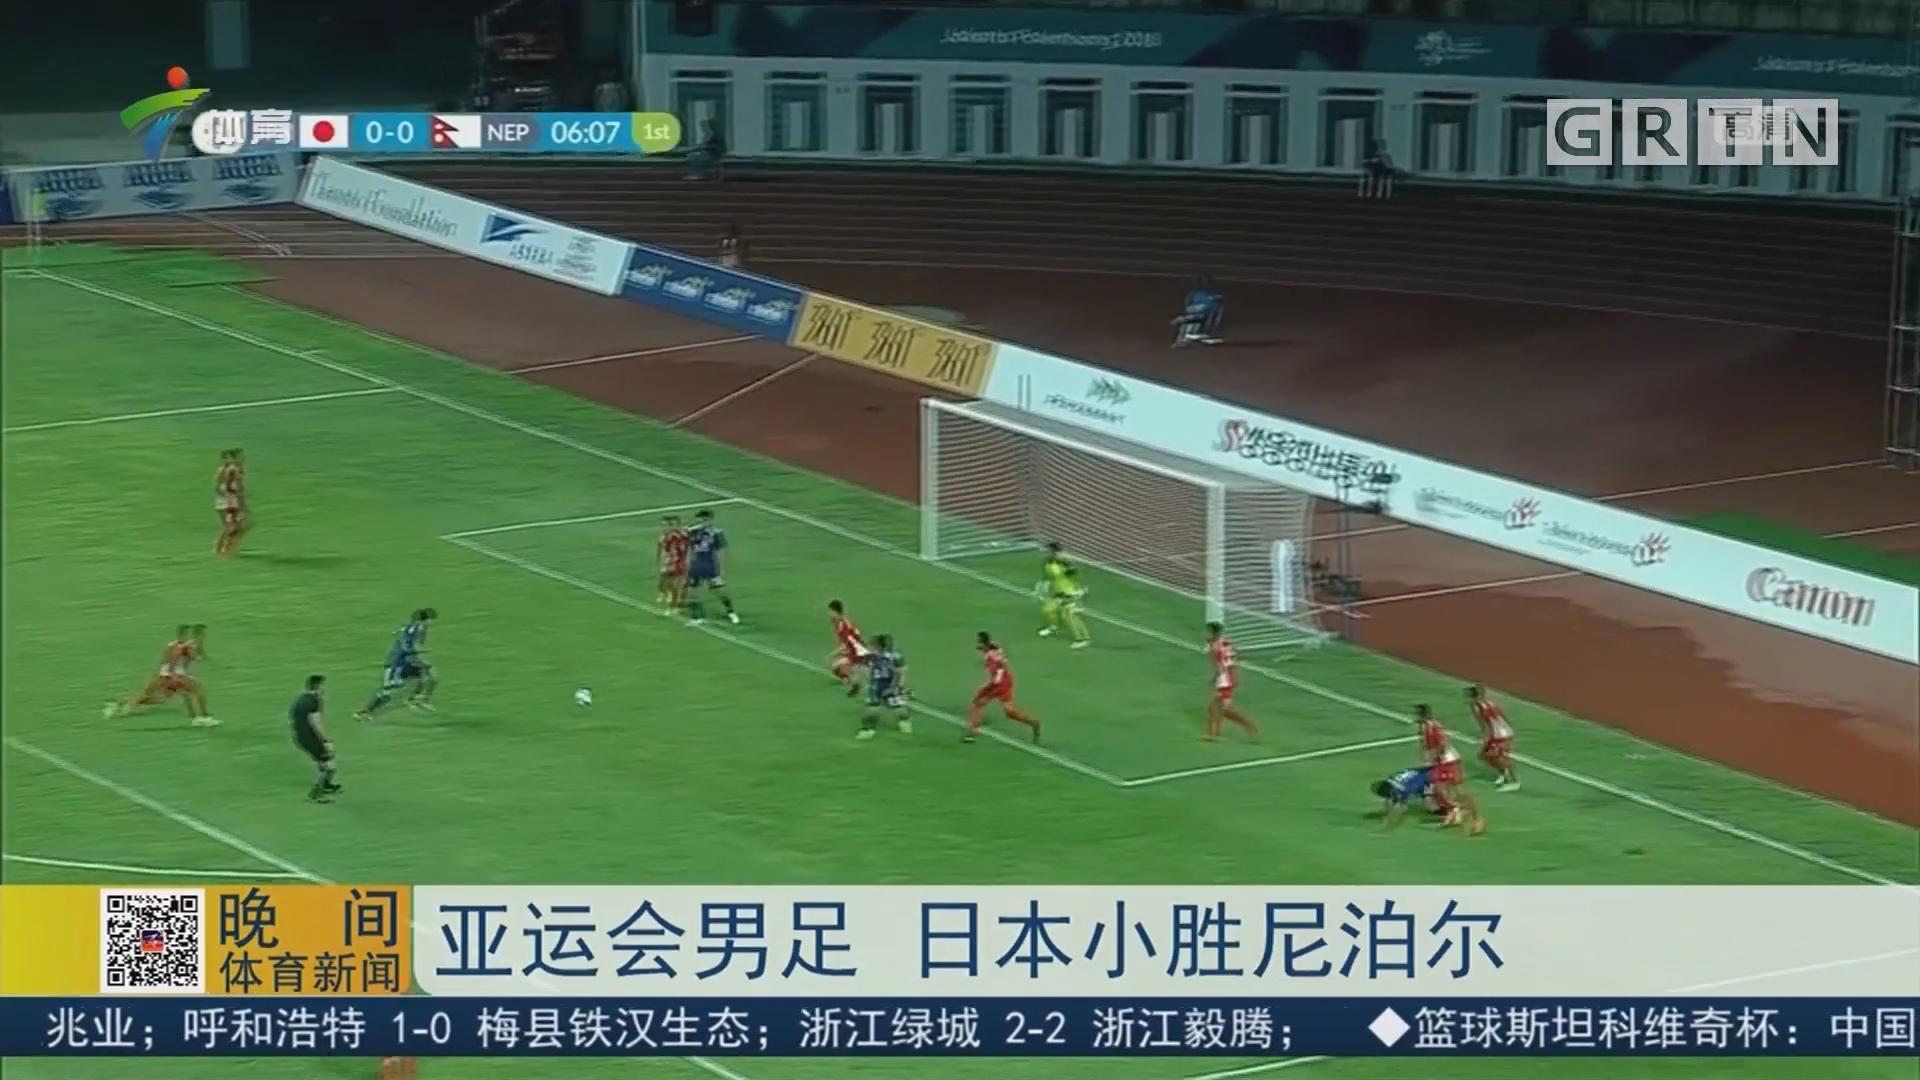 亚运会男足 日本小胜尼泊尔